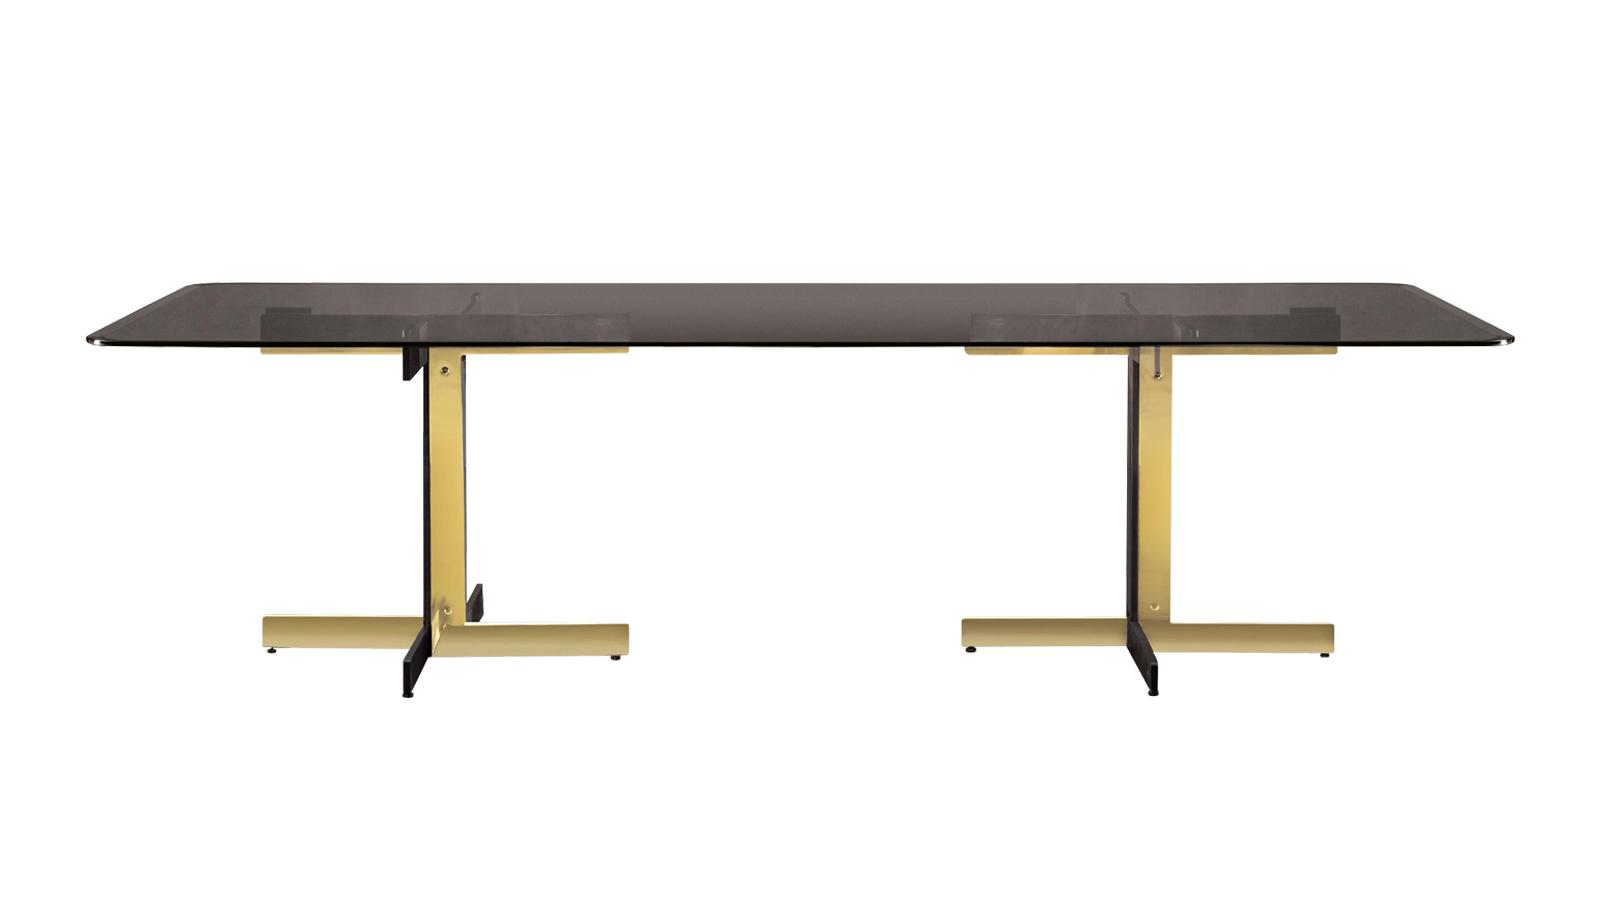 Ami minden asztaltól megkülönbözteti a Catlint, az a felszabadult egyszerűség, ami mégis luxus, felejthetetlen formavilágot alkot. Széles anyagválasztékának köszönhetően ráadásul minden igényt kielégít. Ám legyen márvány, üveg vagy fém az alapanyaga, csillogása és eleganciája töretlen – ez a kollekció védjegye.